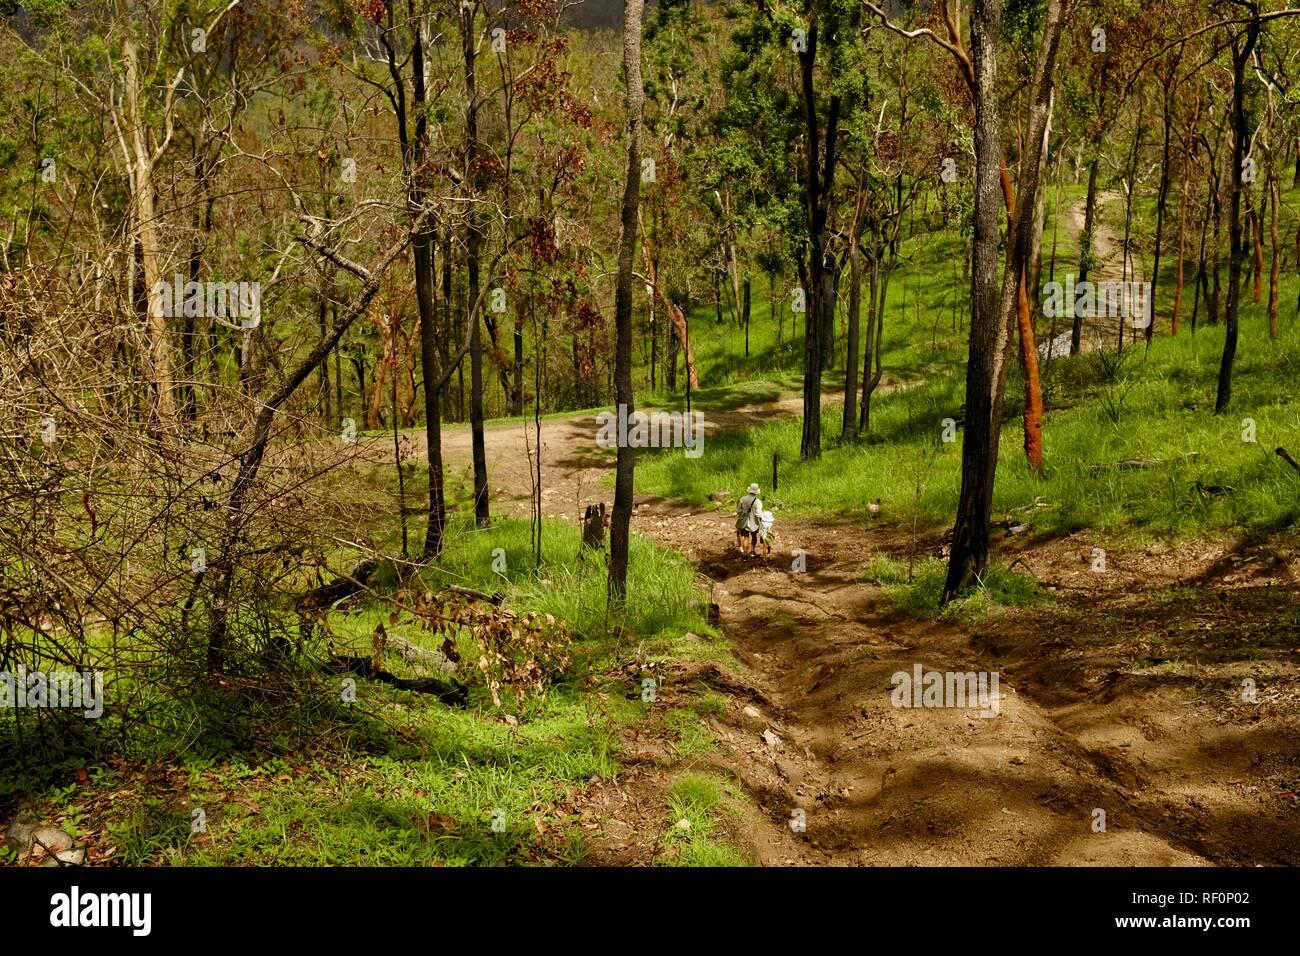 Padre e hija caminando por una colina empinada, Mia Mia State Forest, Queensland, Australia Foto de stock